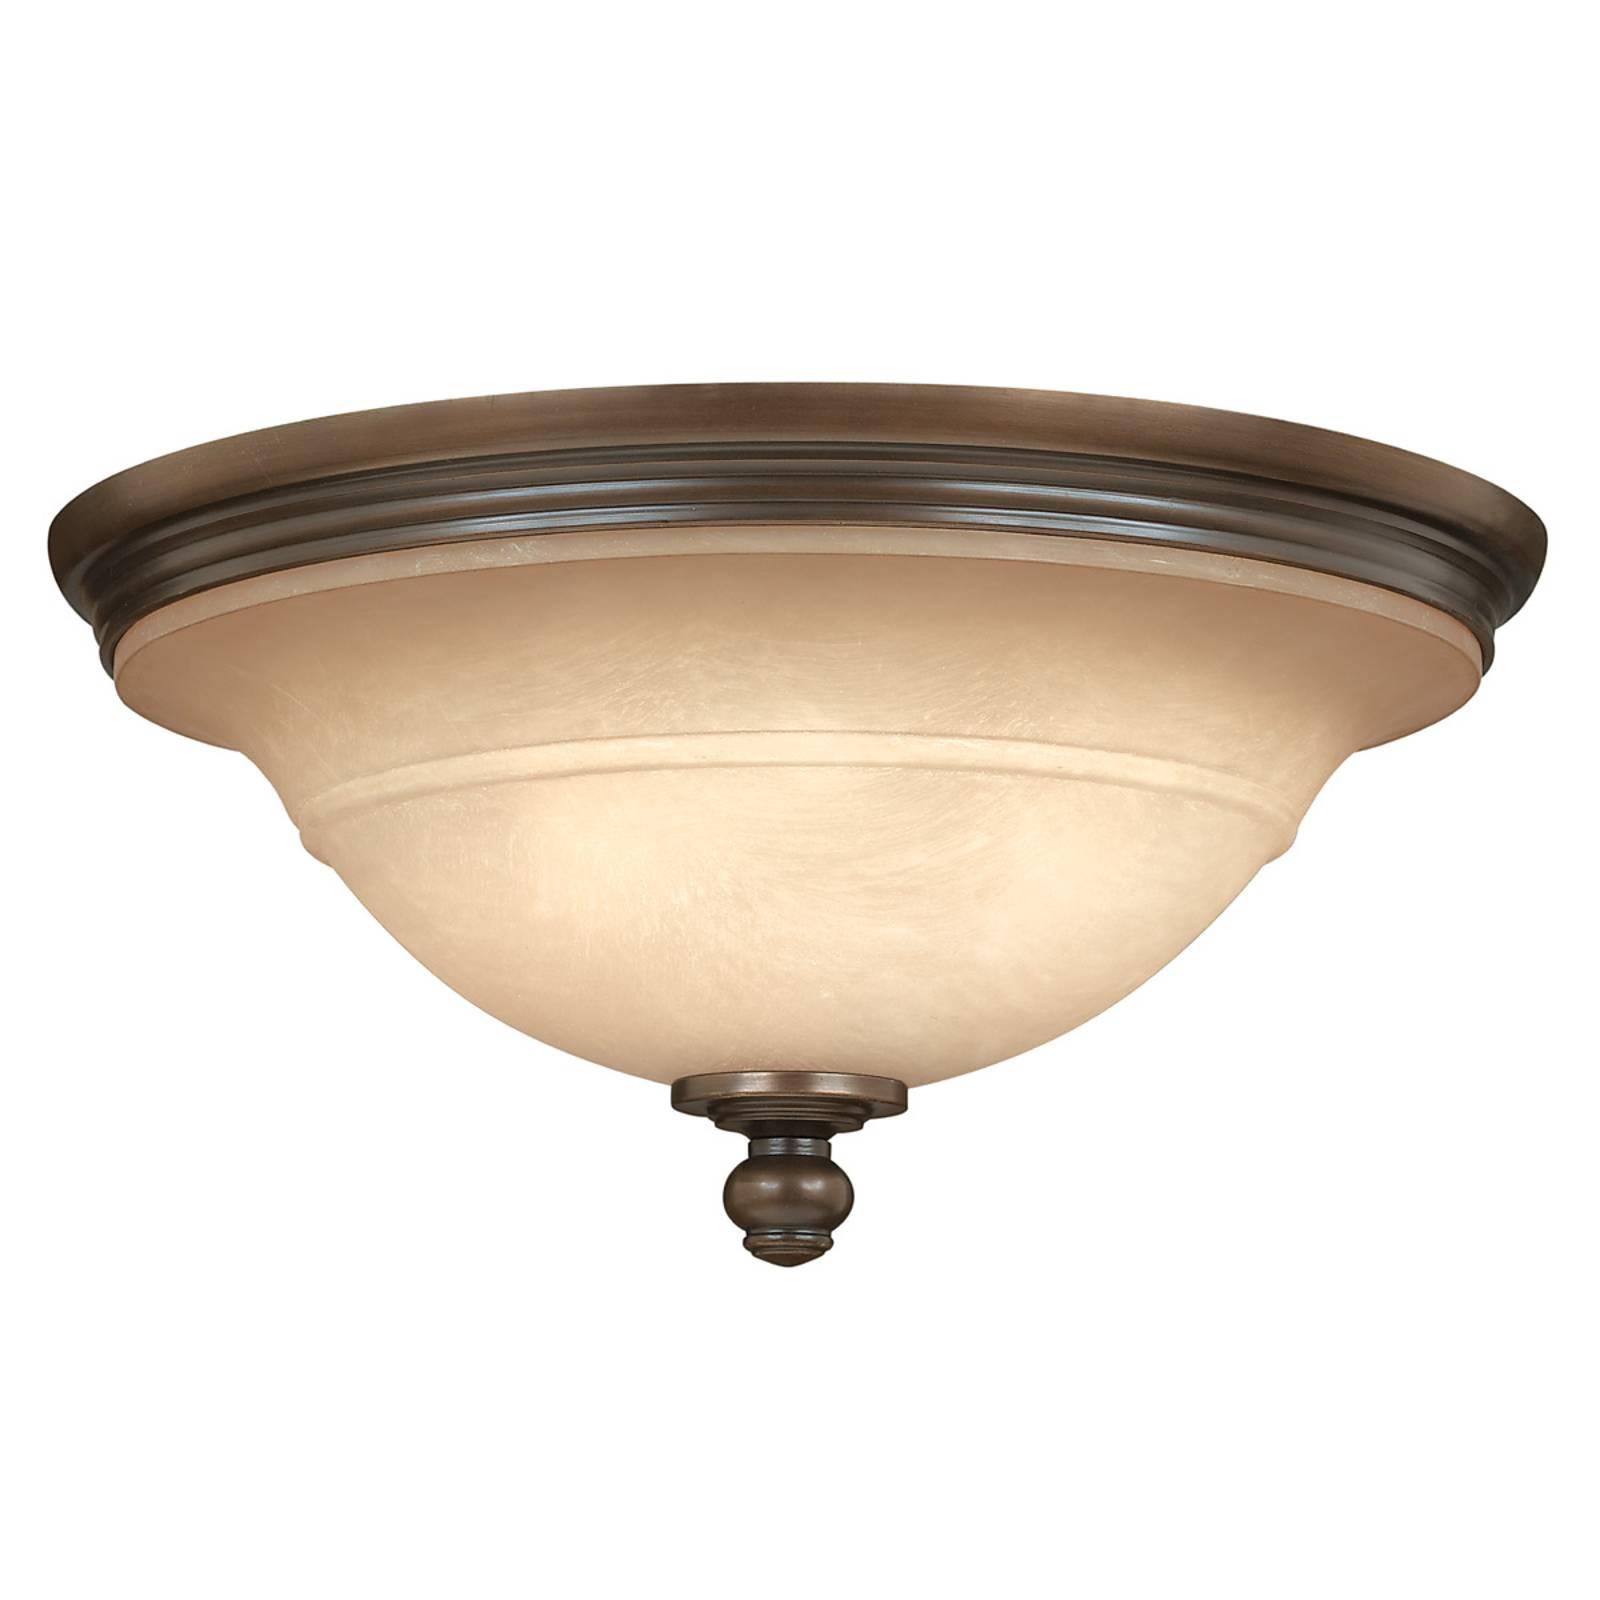 Rustieke plafondlamp PLYMOUTH